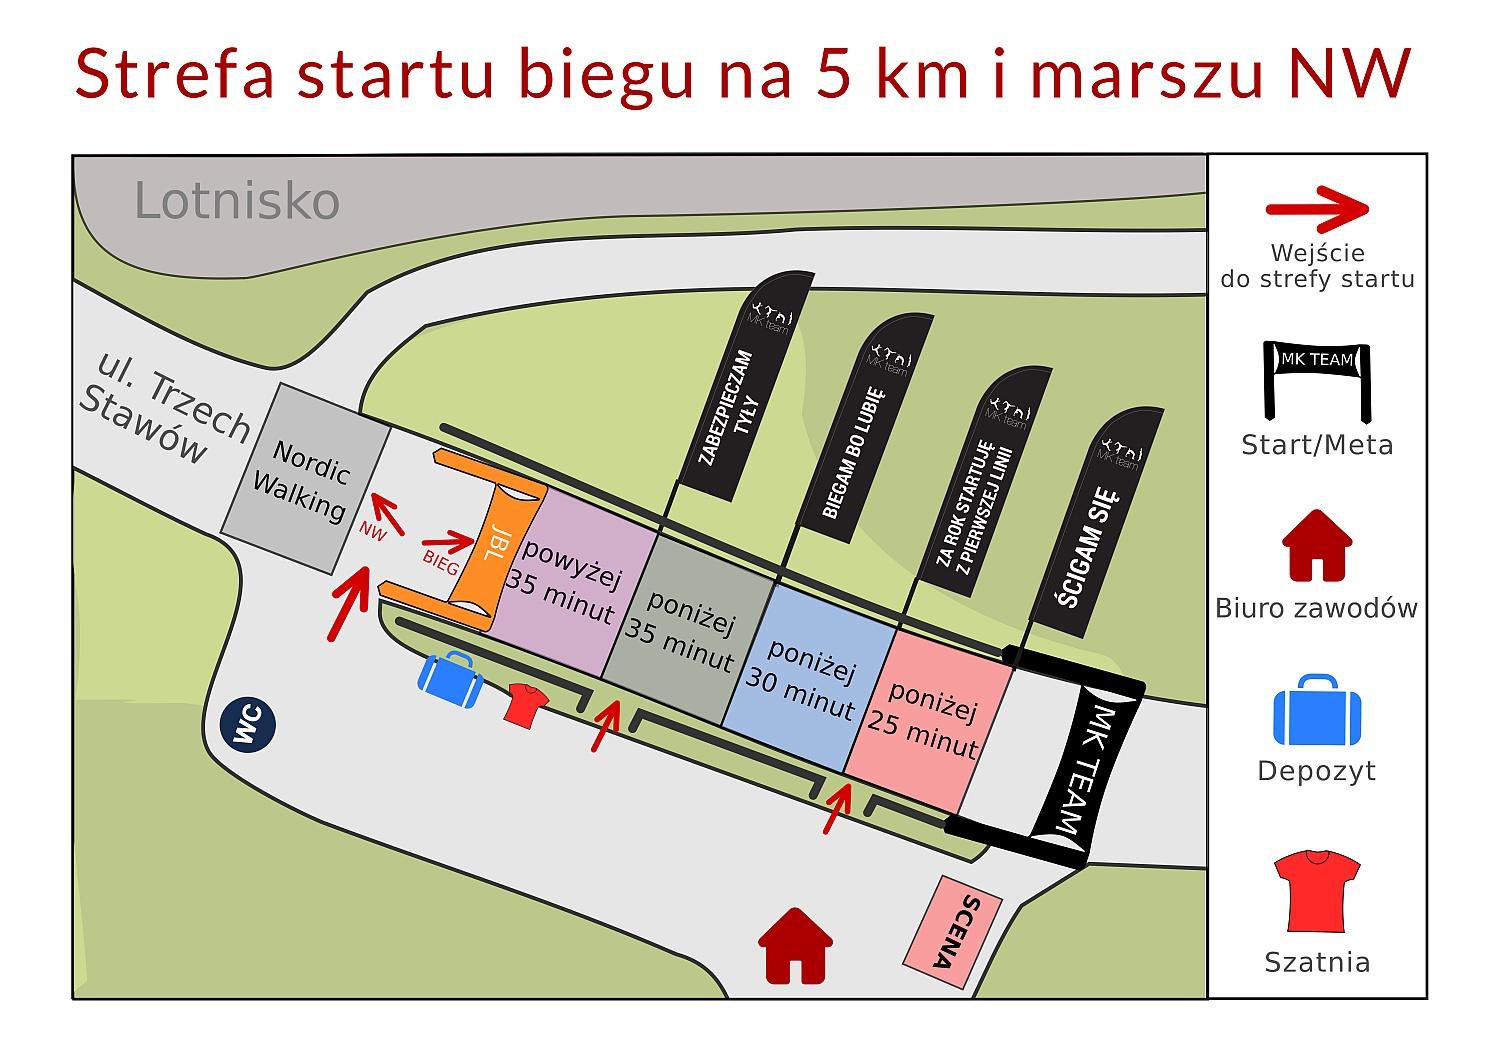 Mapa startu 5 km, marsz NW